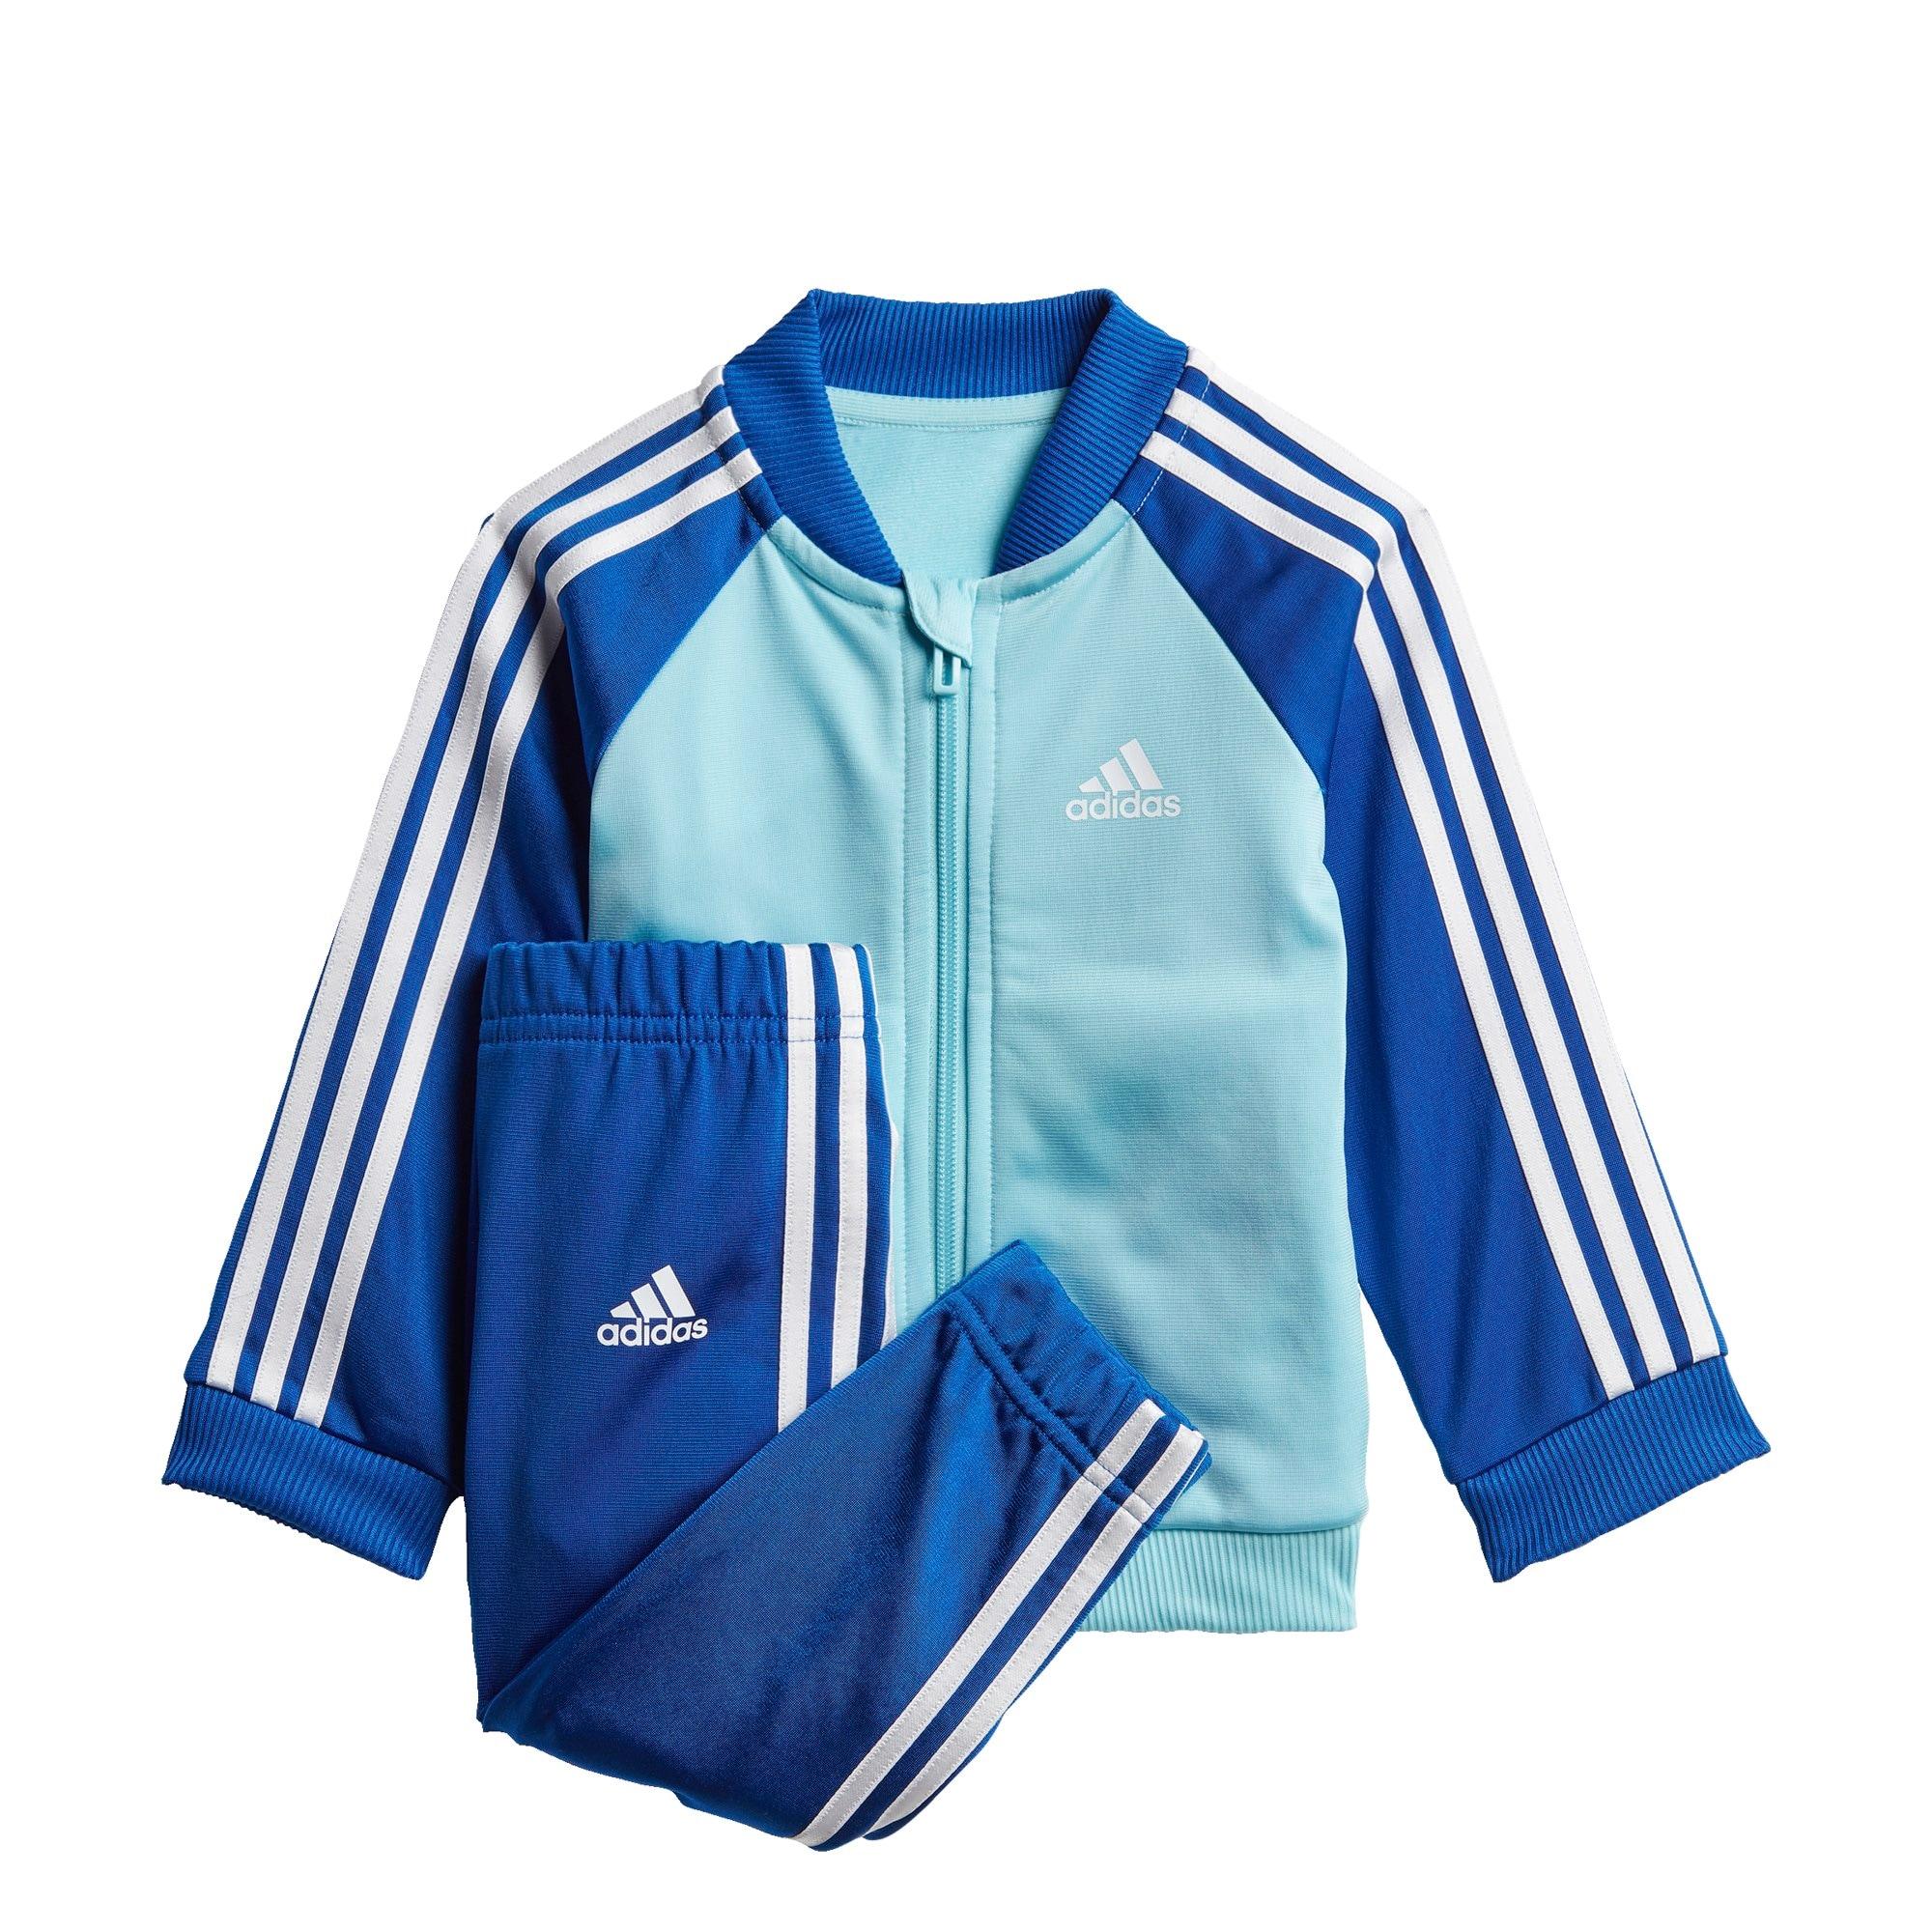 ADIDAS PERFORMANCE Treniruočių kostiumas tamsiai mėlyna / balta / turkio spalva